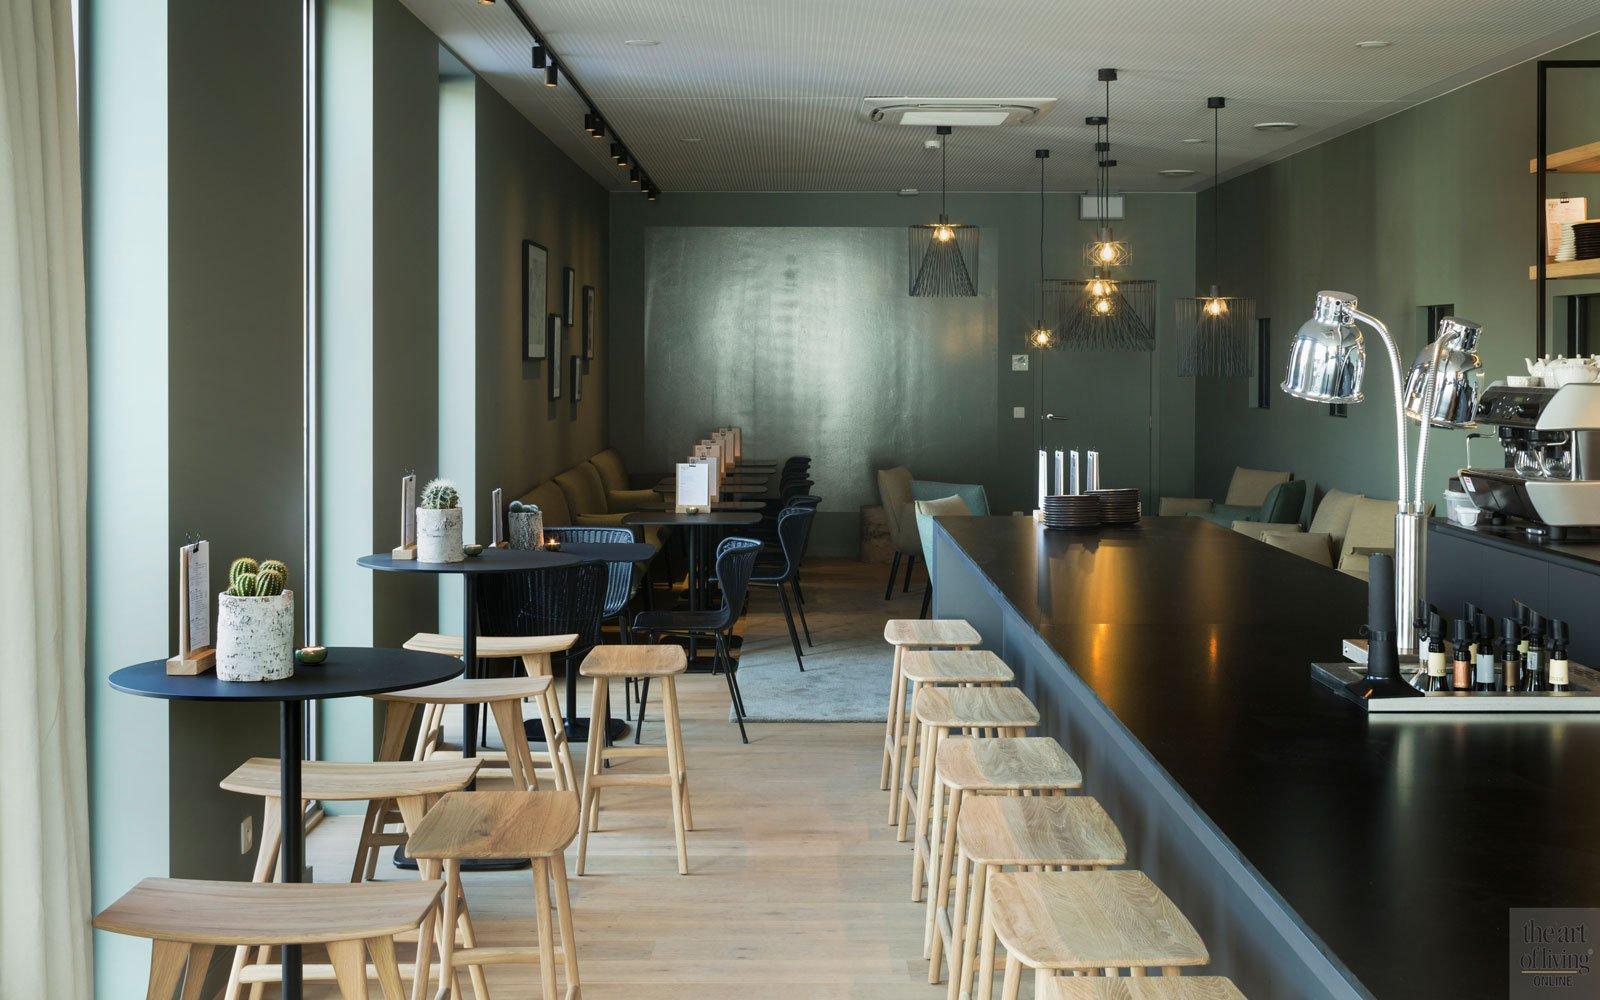 Wijnbar, houten barkrukjes, plankenvloer door Parketlounge, Restaurant Chaflo & Co, Bouw-iD